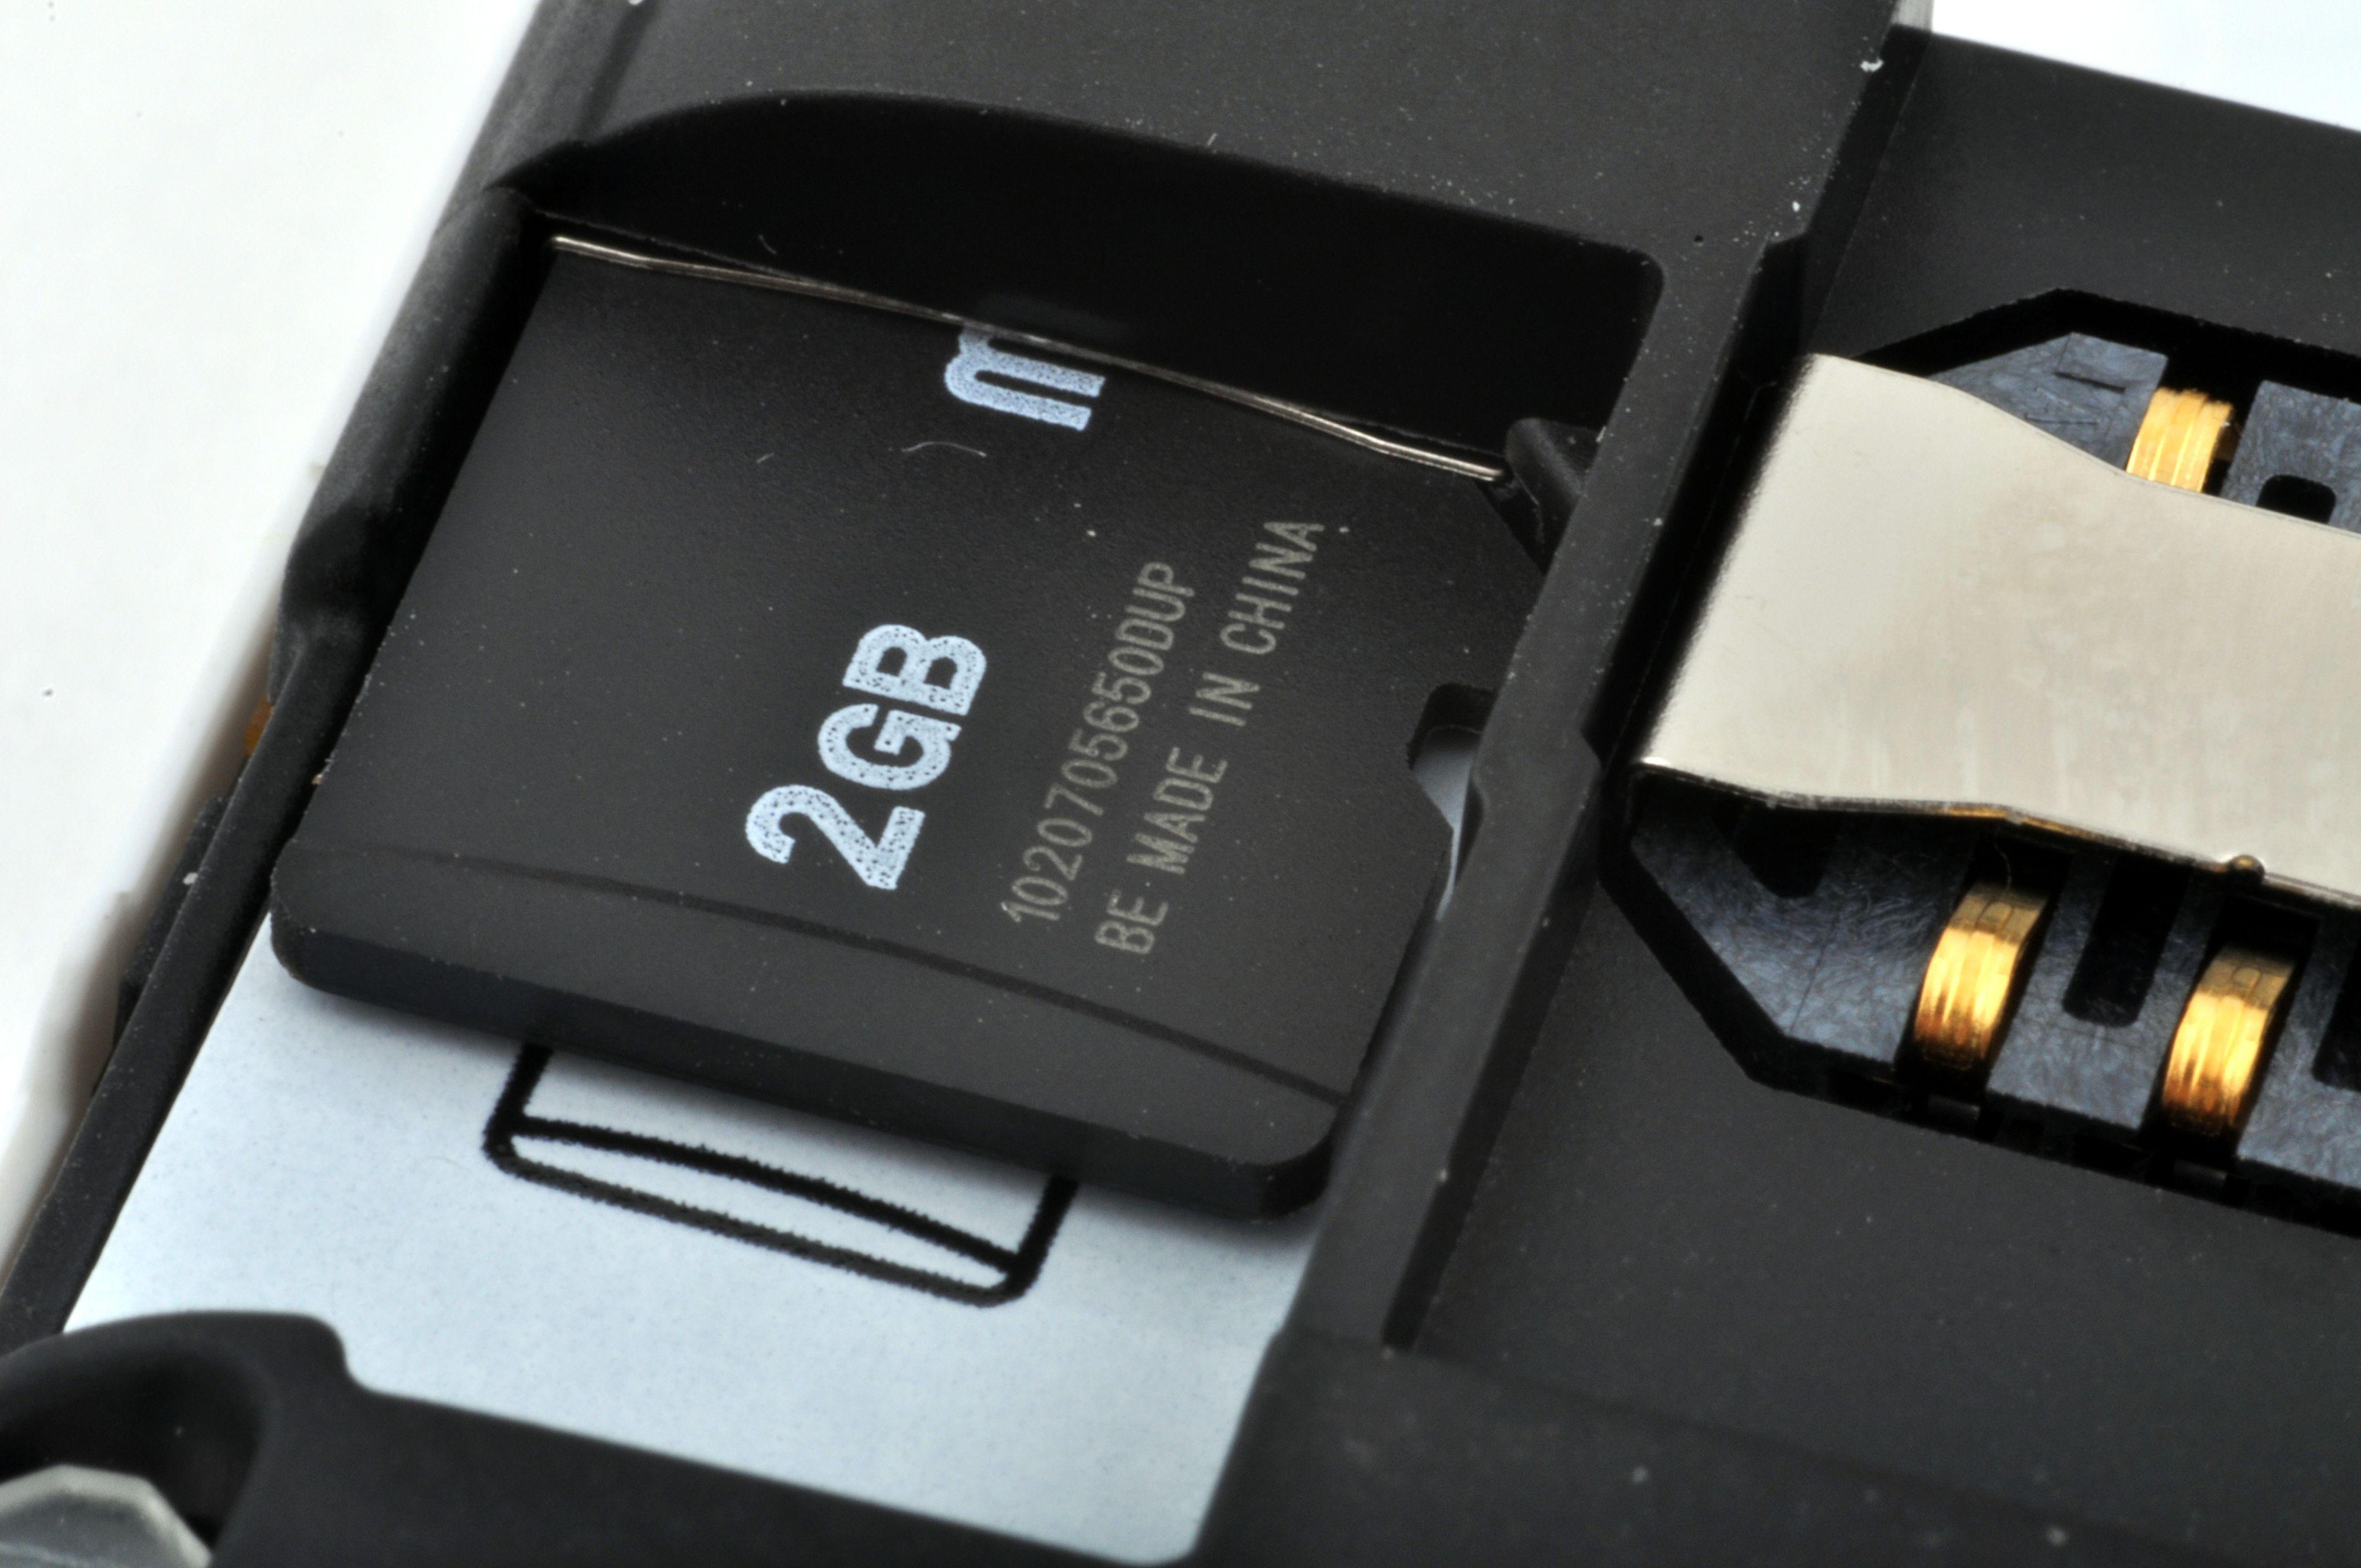 Minnekortet kan byttes uten å ta ut batteriet.